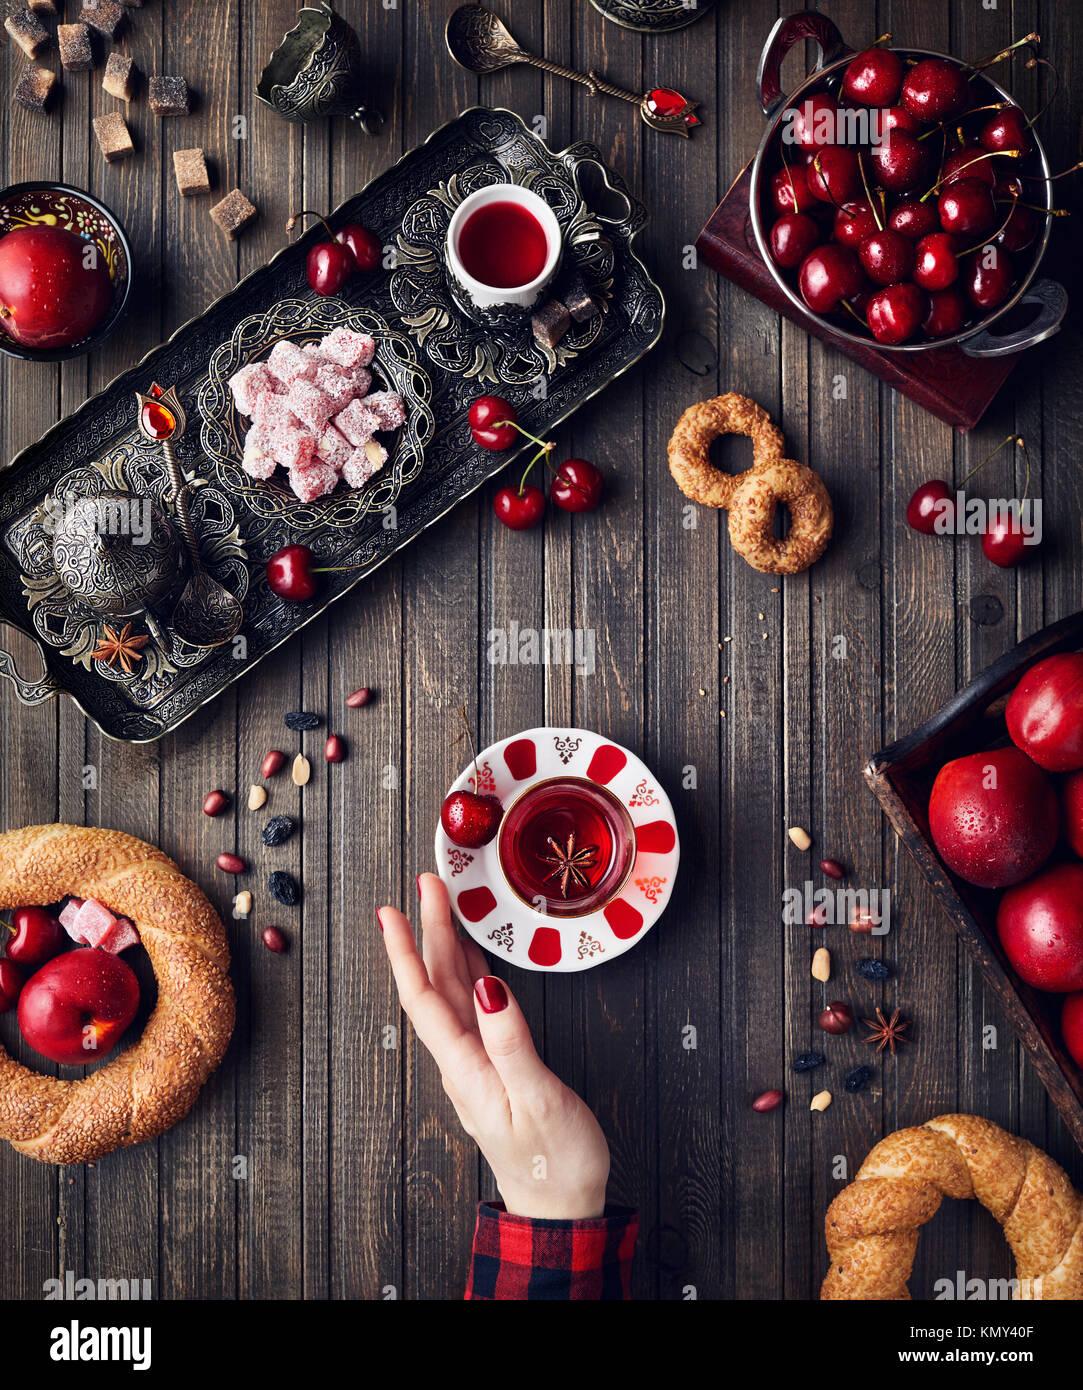 Frau berühren roter Tee in der Nähe der türkischen Köstlichkeiten rahat Lokum, simits und Früchte Stockbild